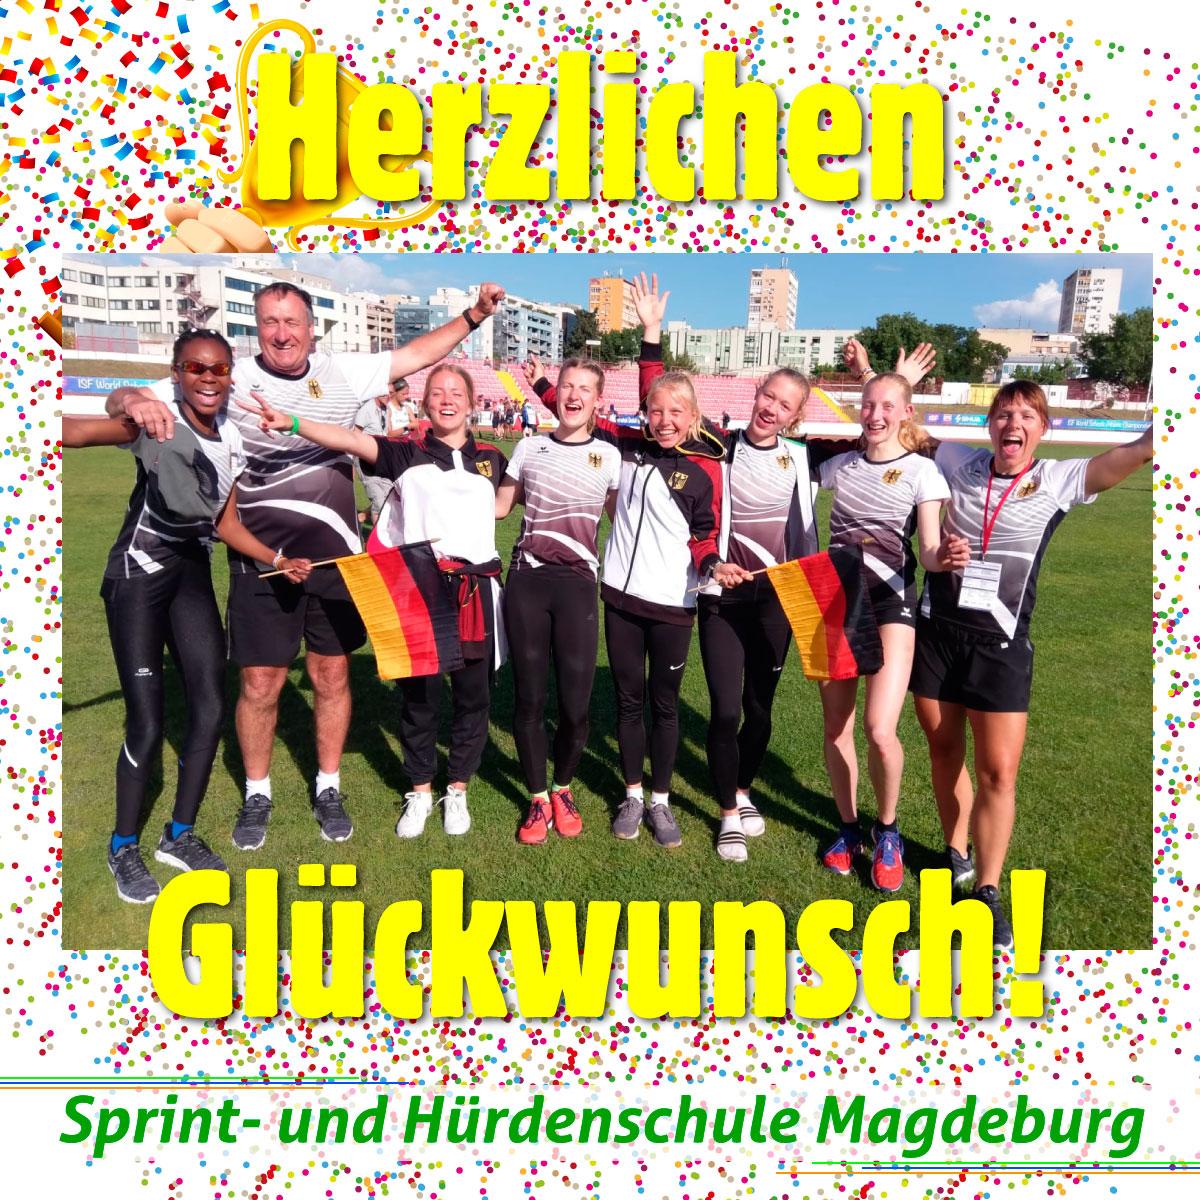 Sprintschule, Hürdenschule, Magdeburg, Weltmeisterschaft, Gewinner, Sieger, Herzlichen Glückwunsch zum SCHÜLERWELTMEISTER